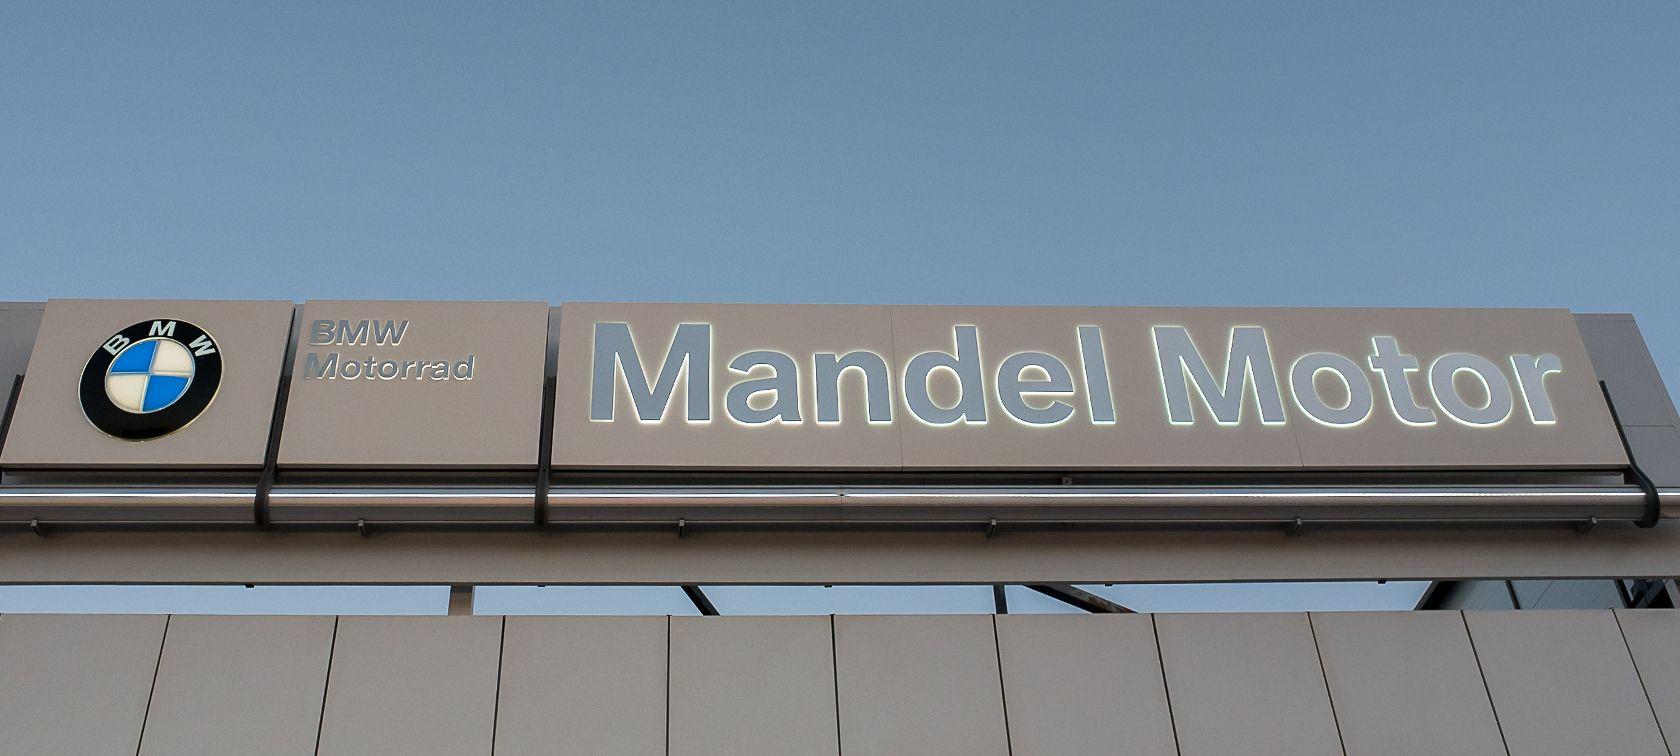 Mandel Motor Badajoz